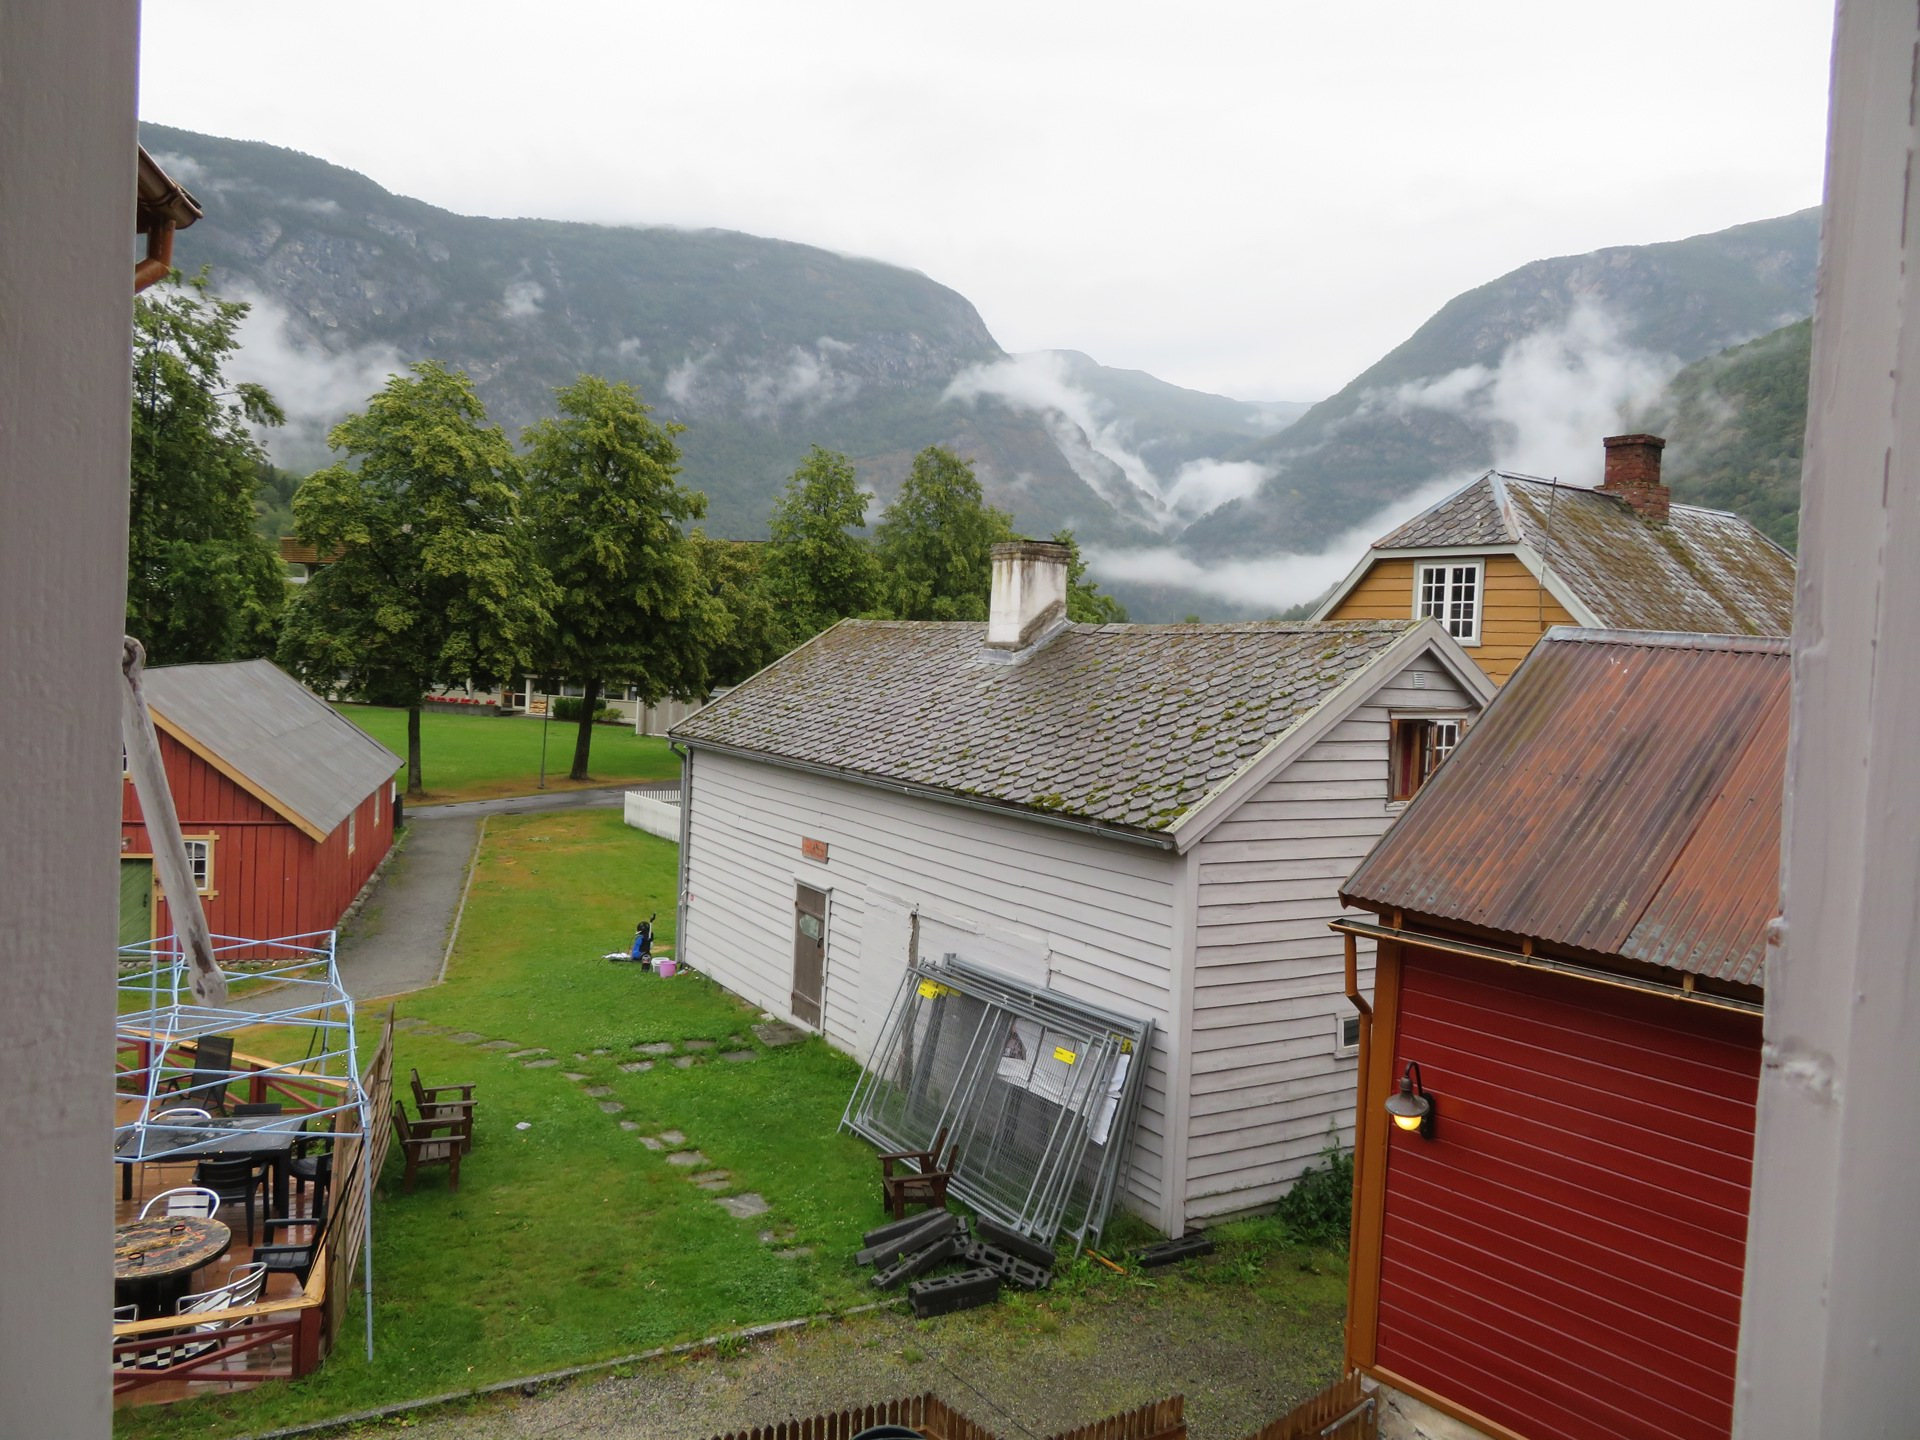 Øyragata i gamle Lærdal (1).JPG